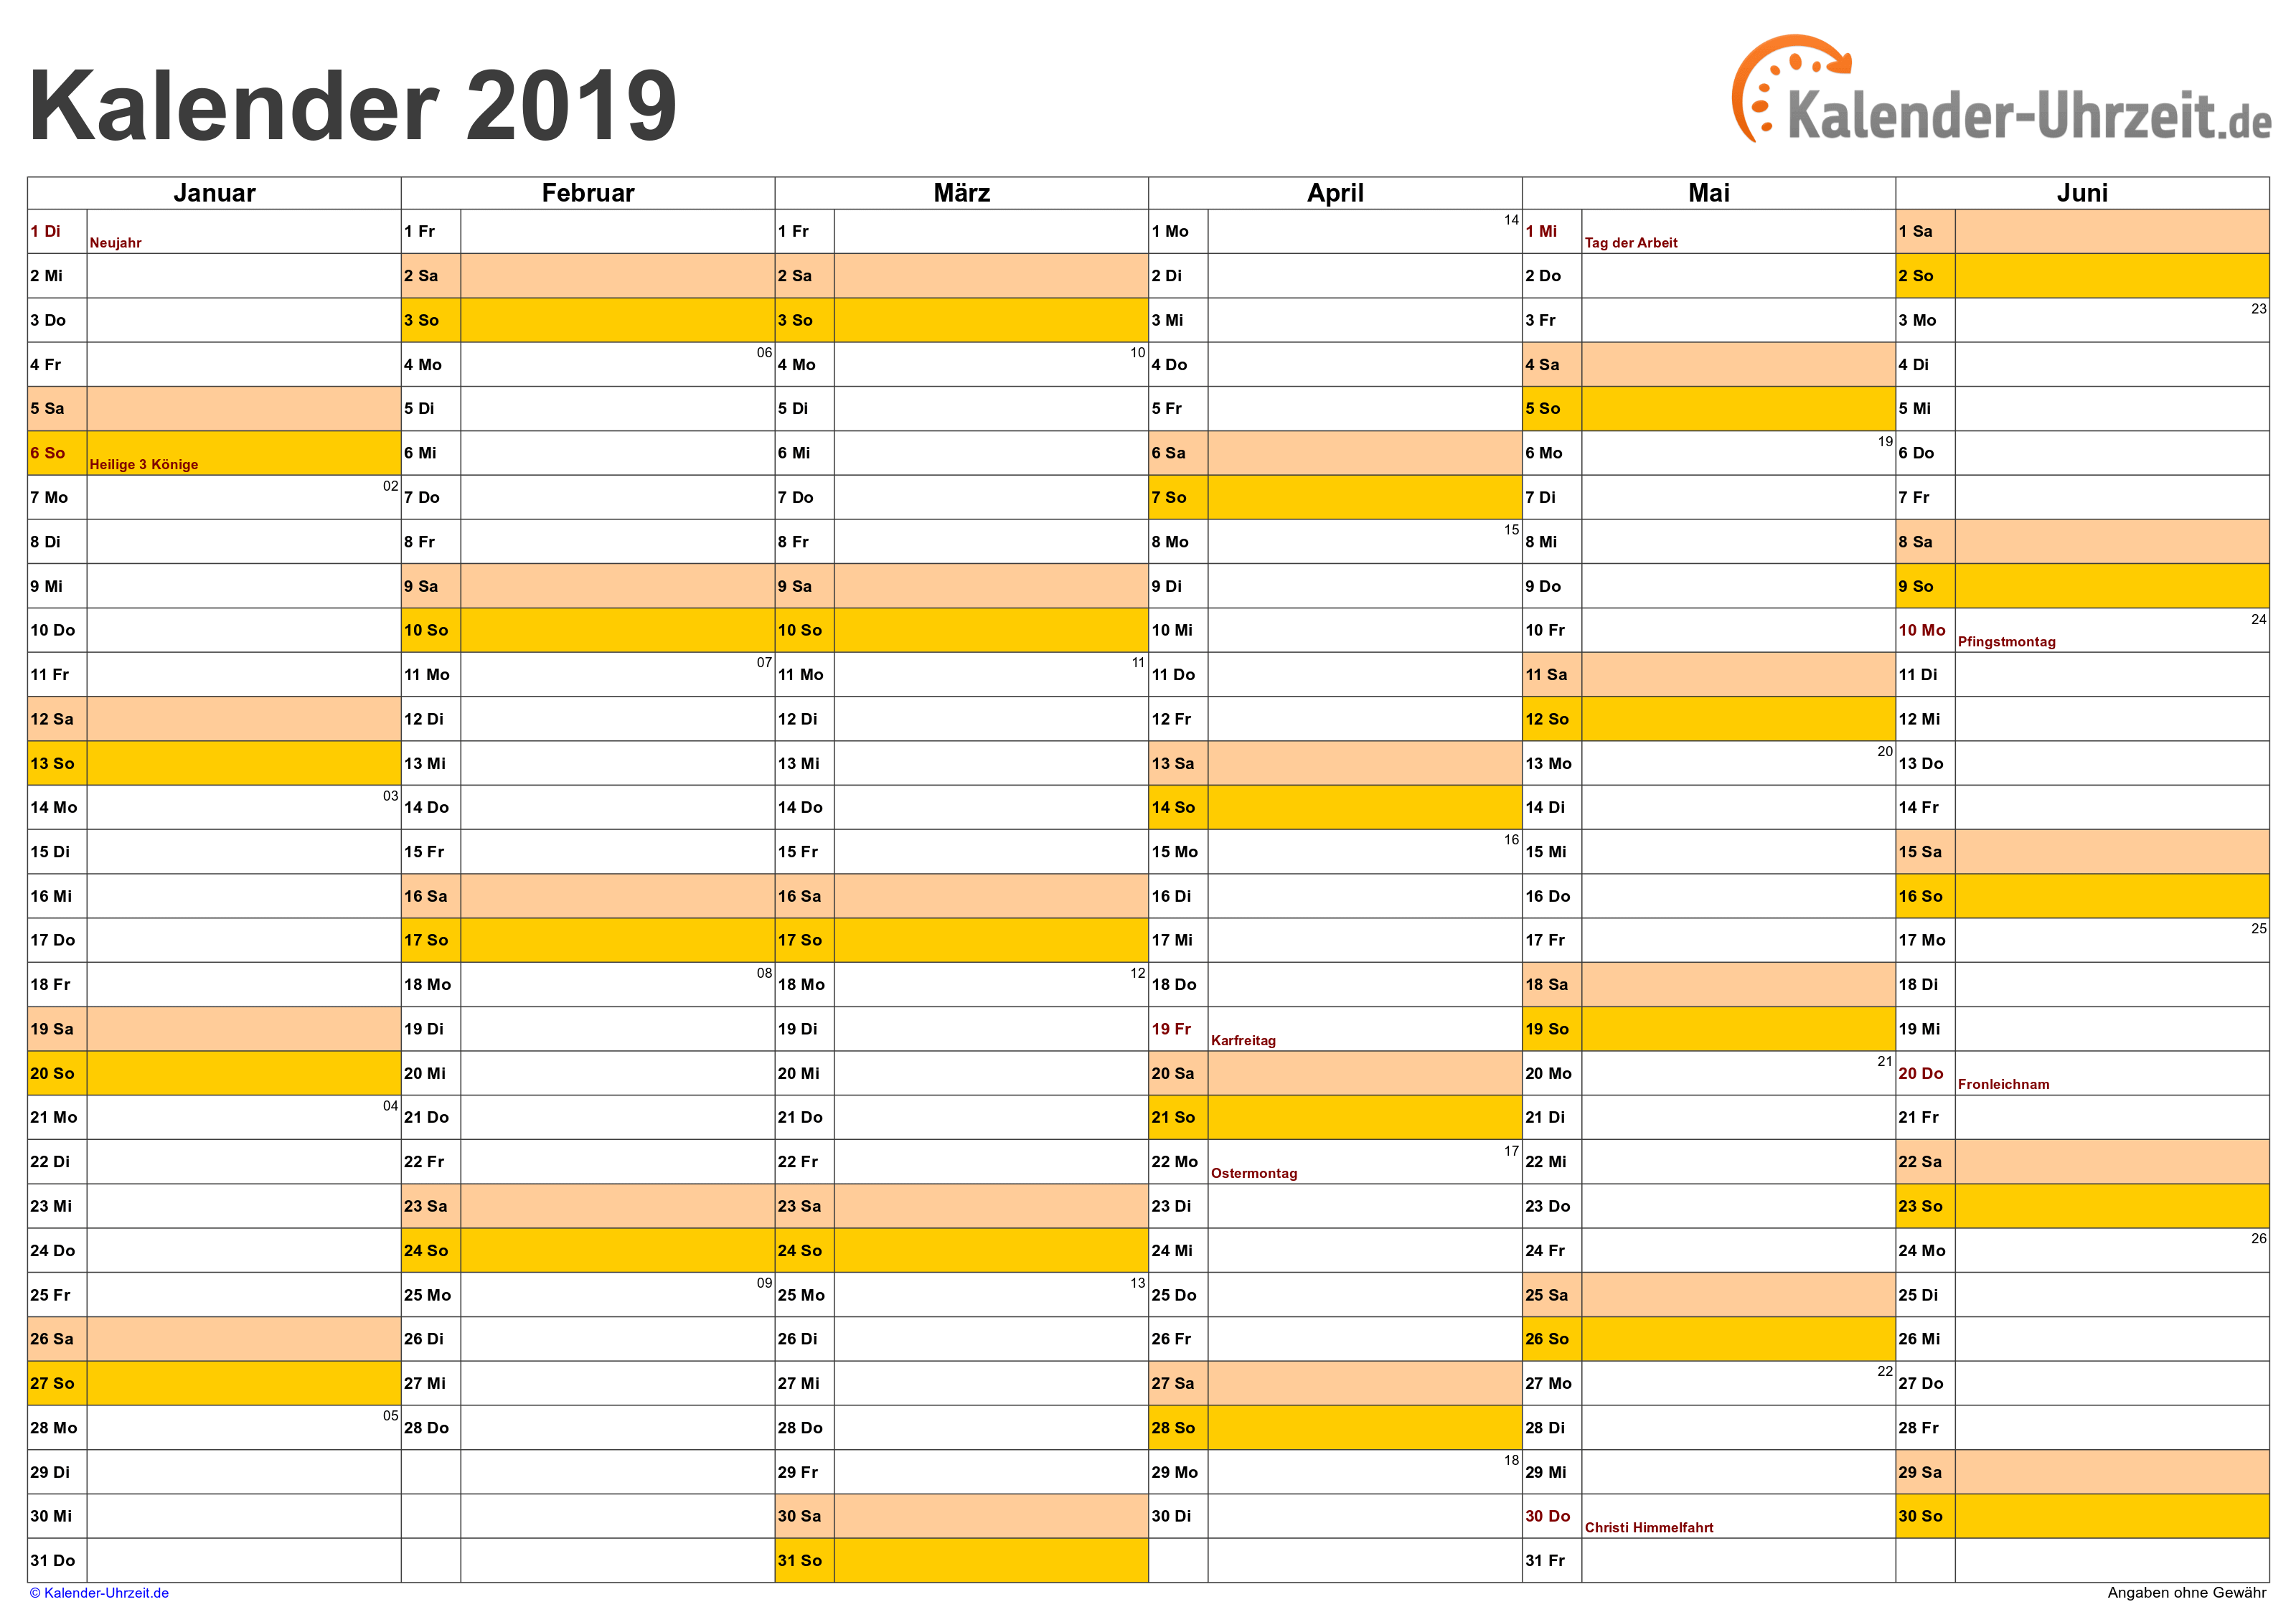 Halbjahreskalender 2019Vorlage